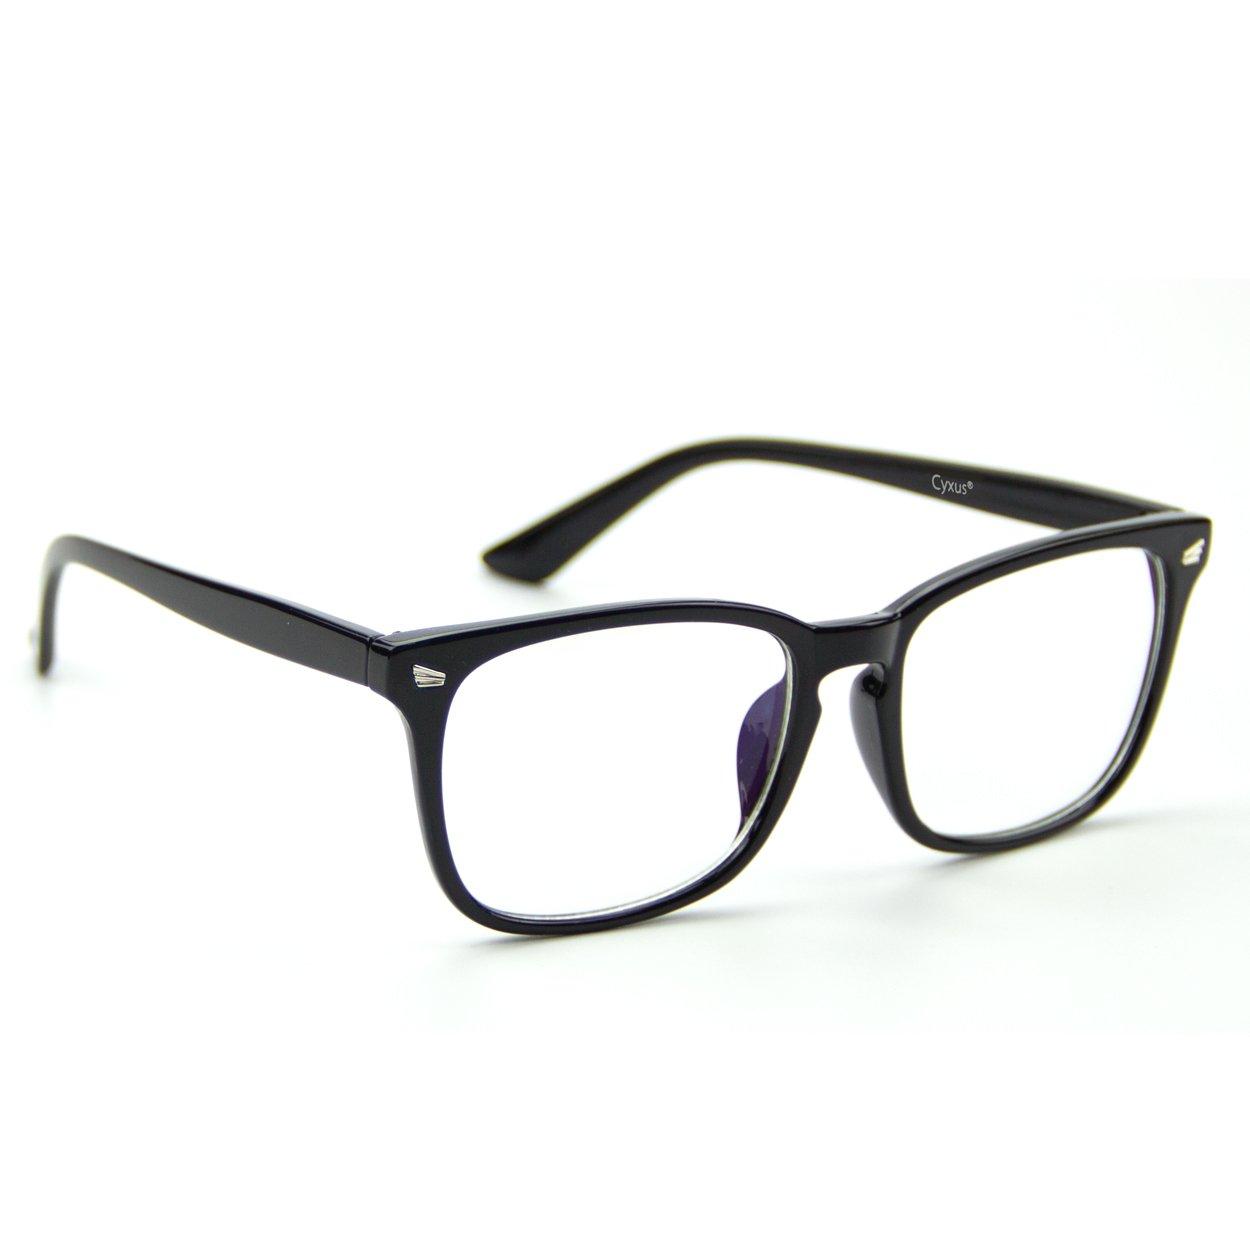 774213c5e0a Amazon.com  Cyxus Clear Lens Plain Glasses